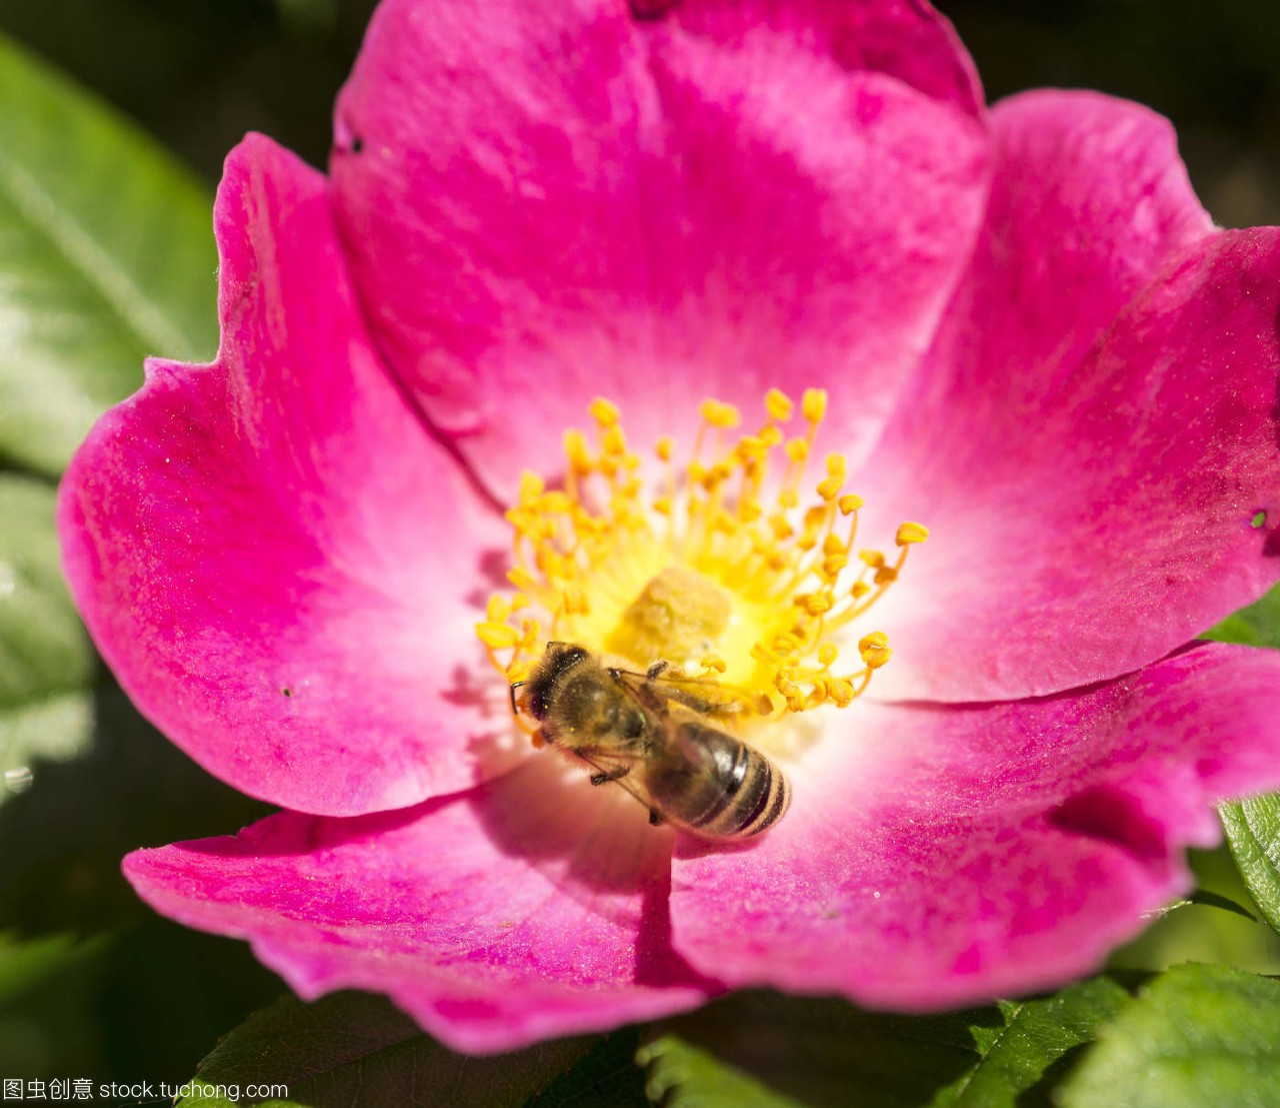 蜂,bumblebee,盛开,Bloom,开花,blossom,茂盛,剑网3鲸鱼有用战场吗图片